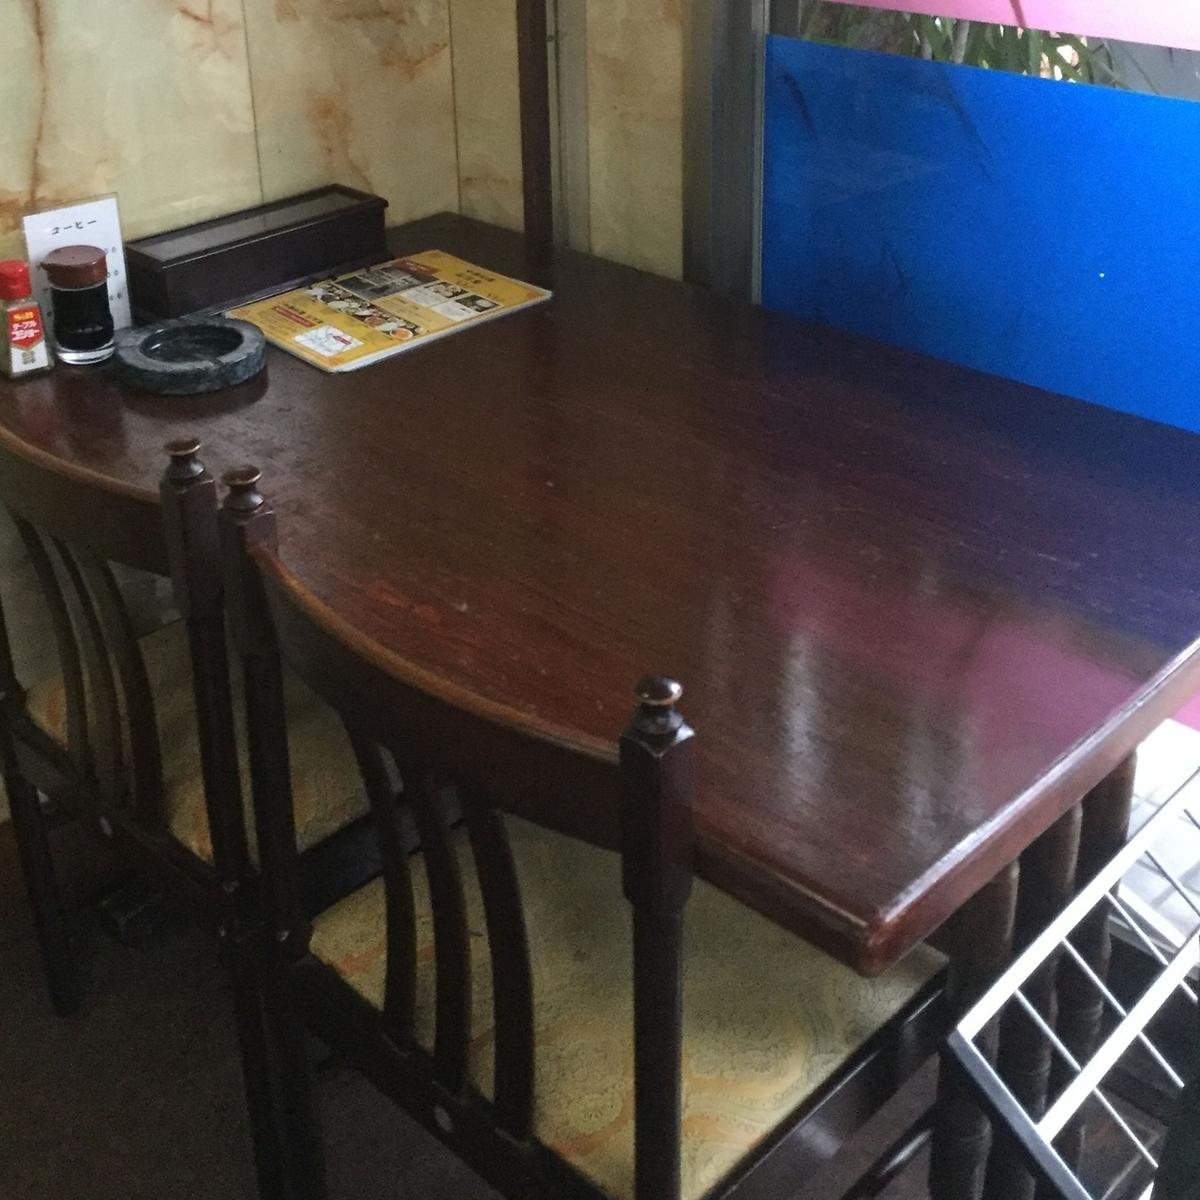 1名~2名の対応可能なテーブル席です。サクッと1人飯や二人きりの食事の際はおススメです。